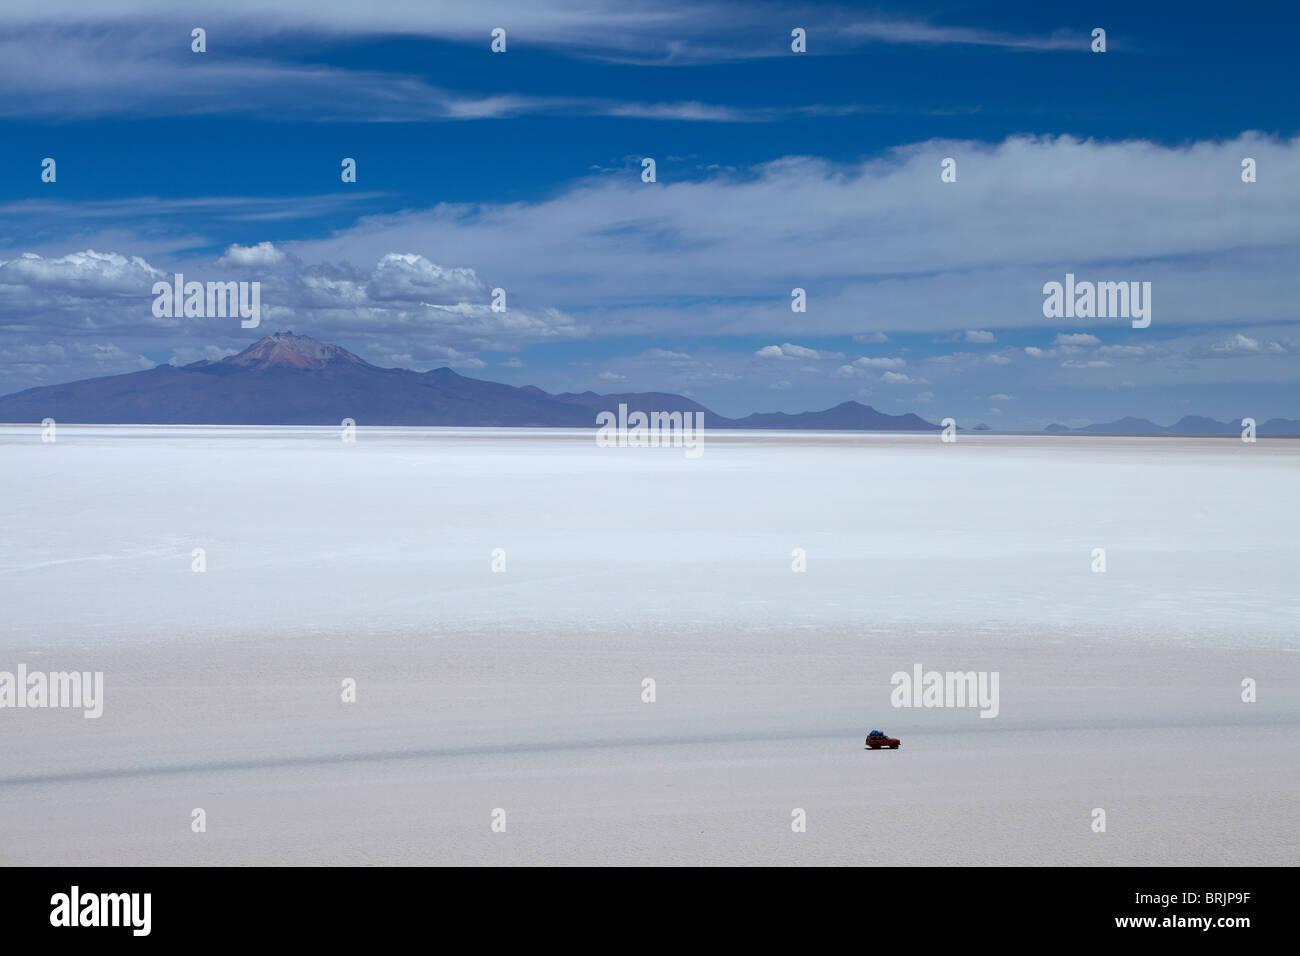 Un vehículo en solitario en el Salar de Uyuni, Bolivia Imagen De Stock